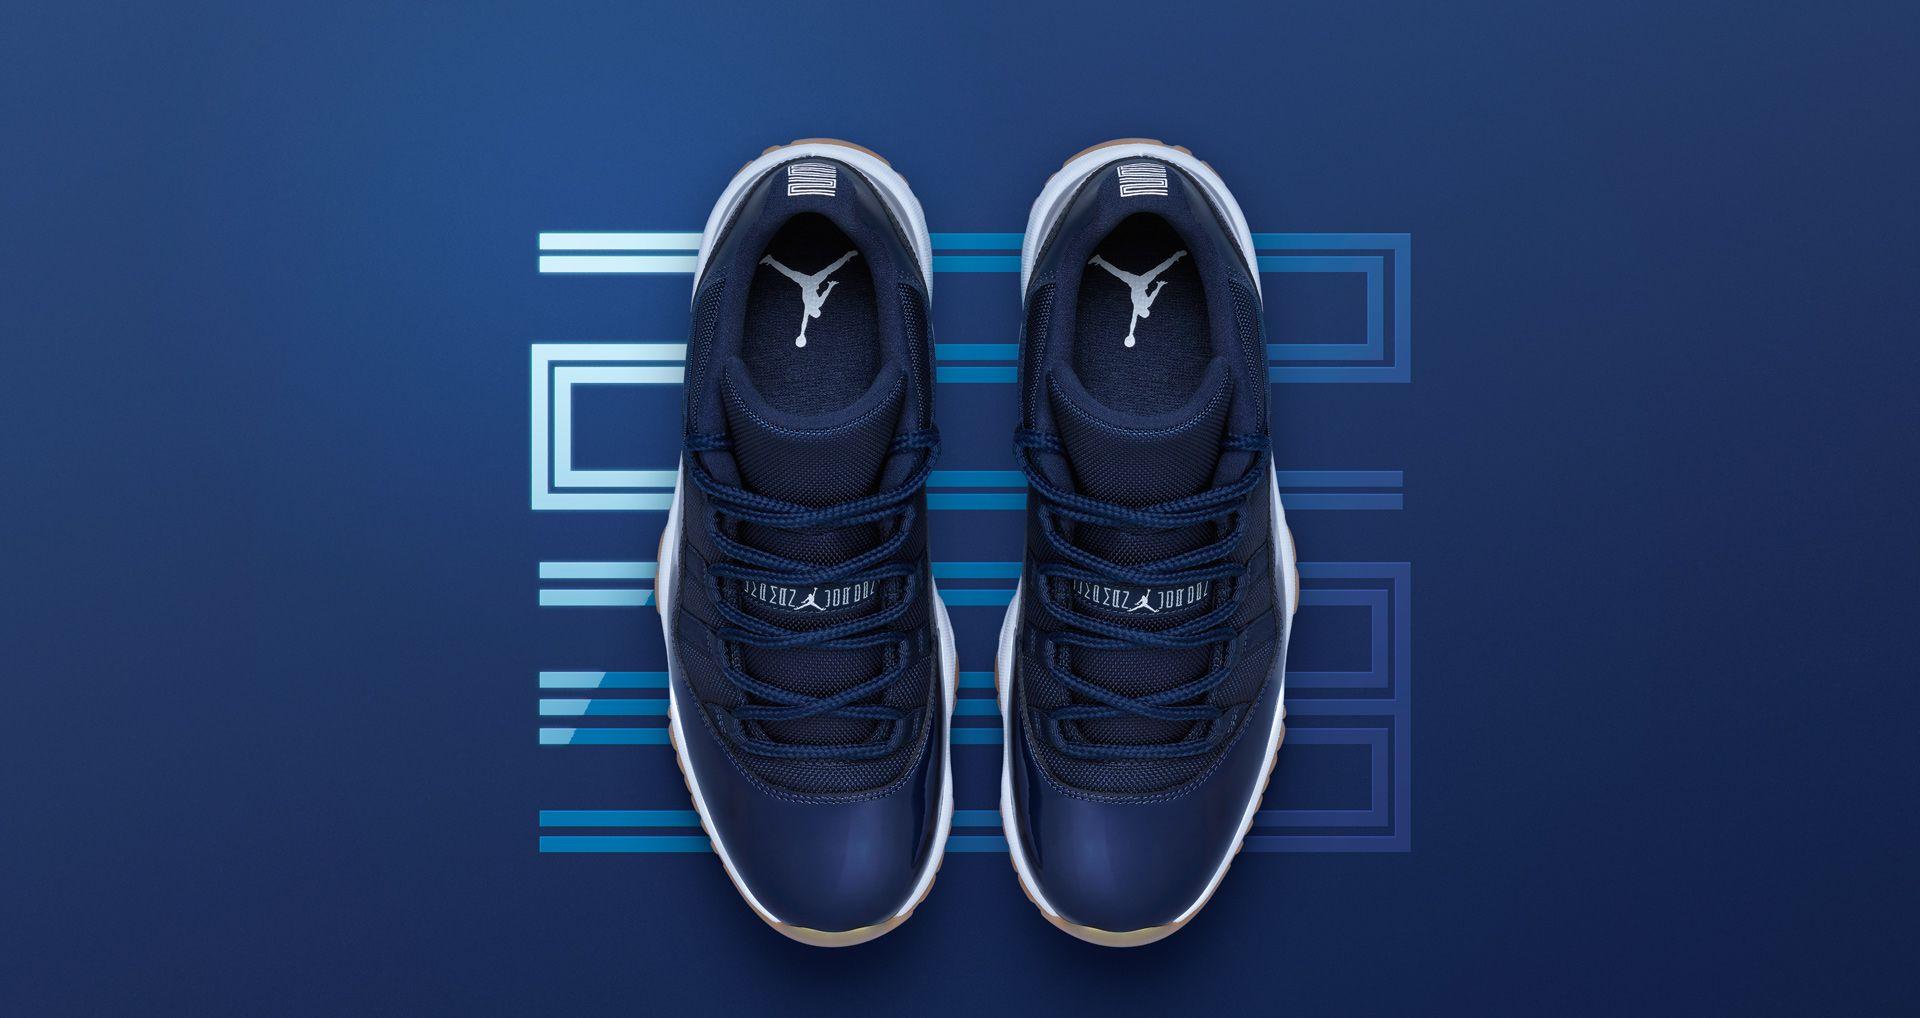 3c899bb1dda Air Jordan 11 Retro Low 'Navy Gum' Release Date. Nike+ SNKRS